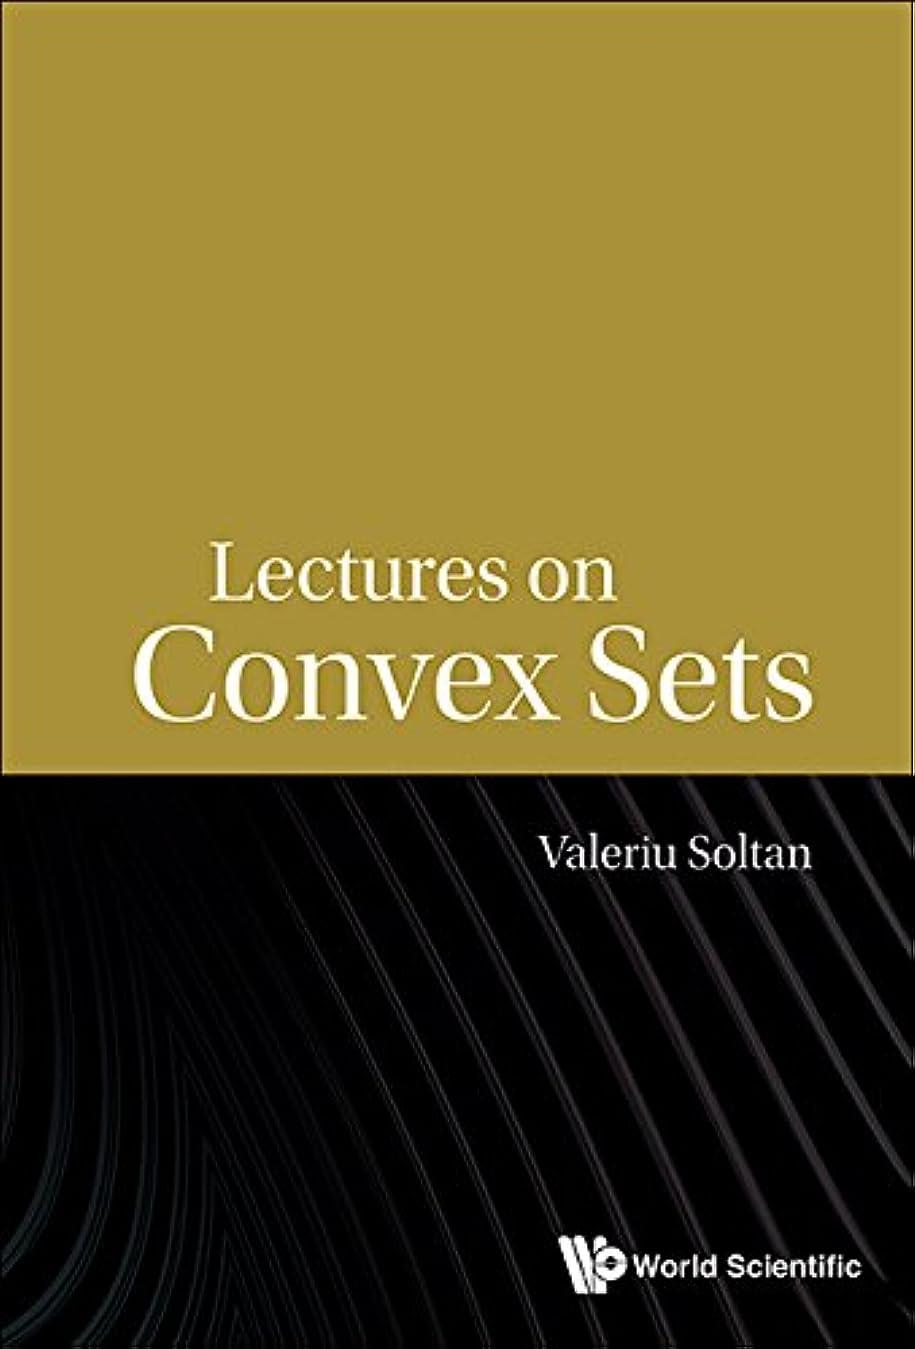 スカープ青人道的Lectures on Convex Sets (English Edition)